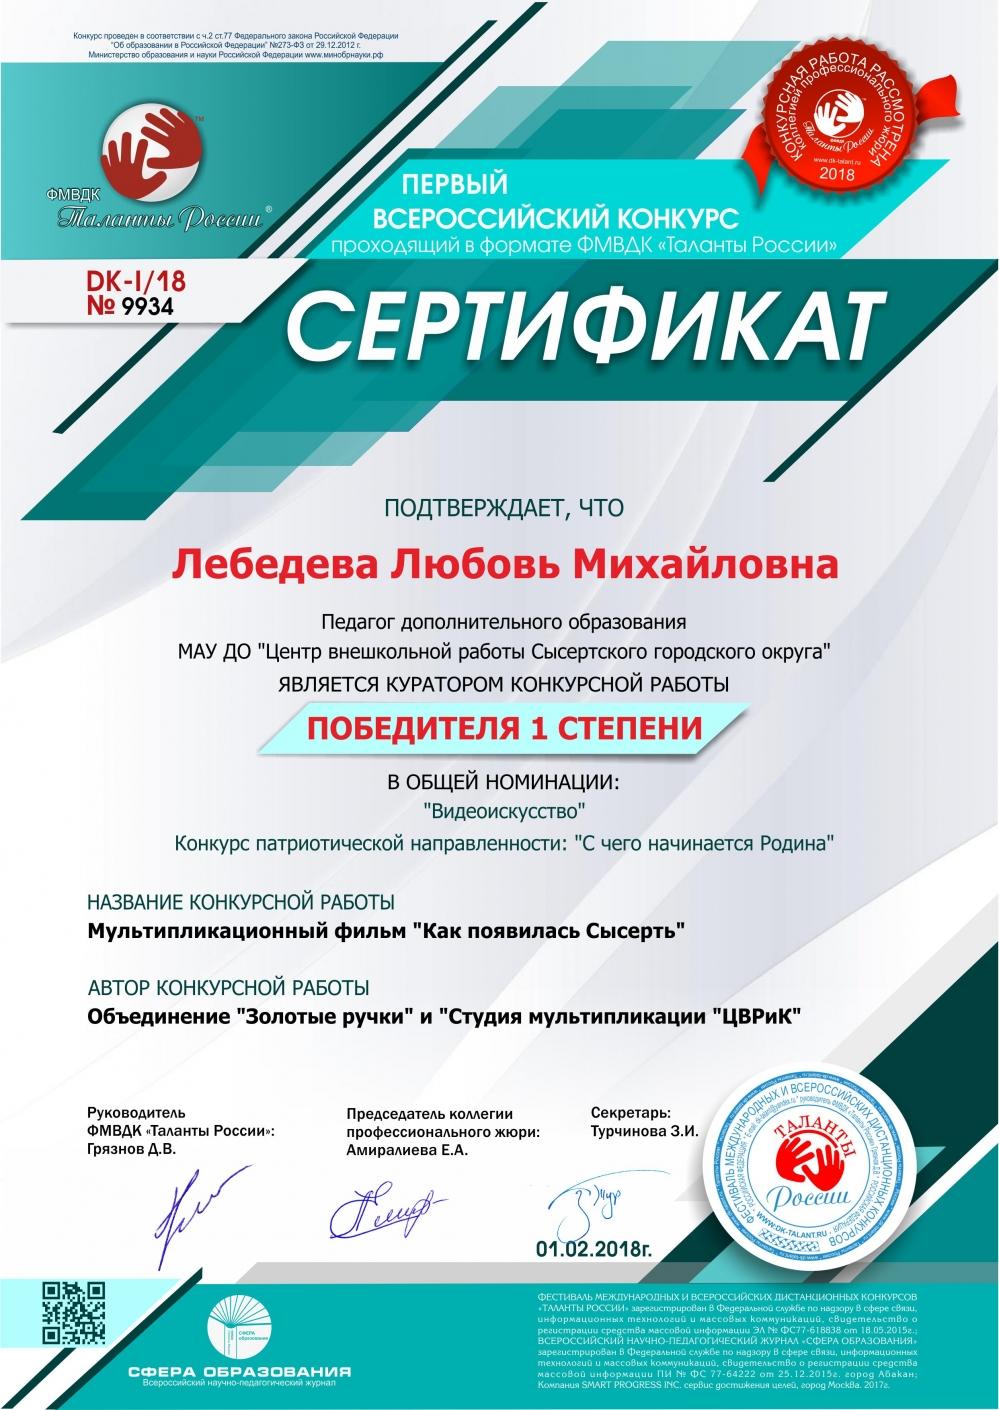 таланты россии официальный сайт международных и всесоюзных конкурсов забывай